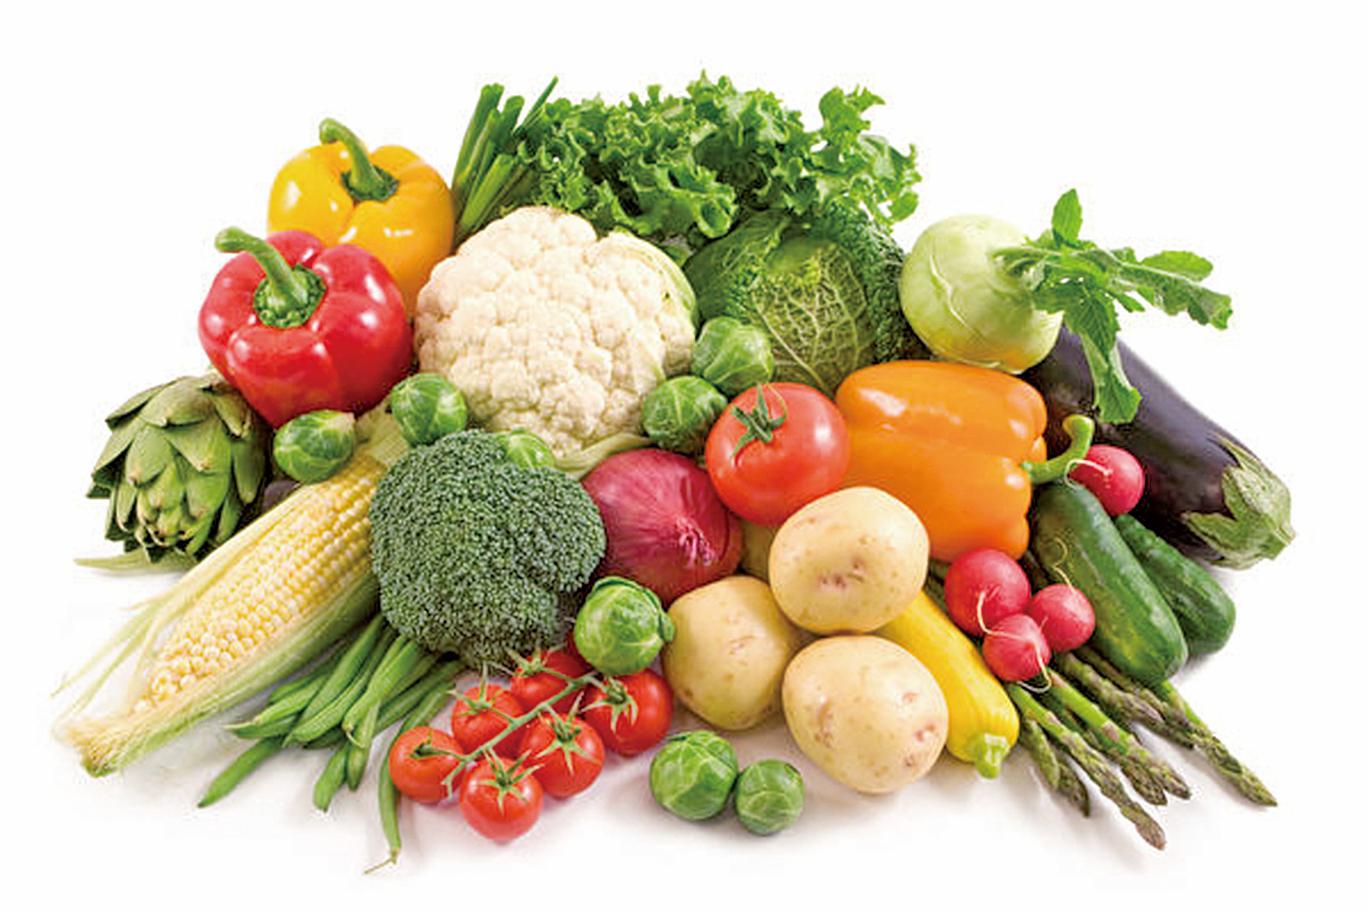 研究表明,飲食對不同年齡層的人群的心理健康會有不同的影響。(Fotolia)